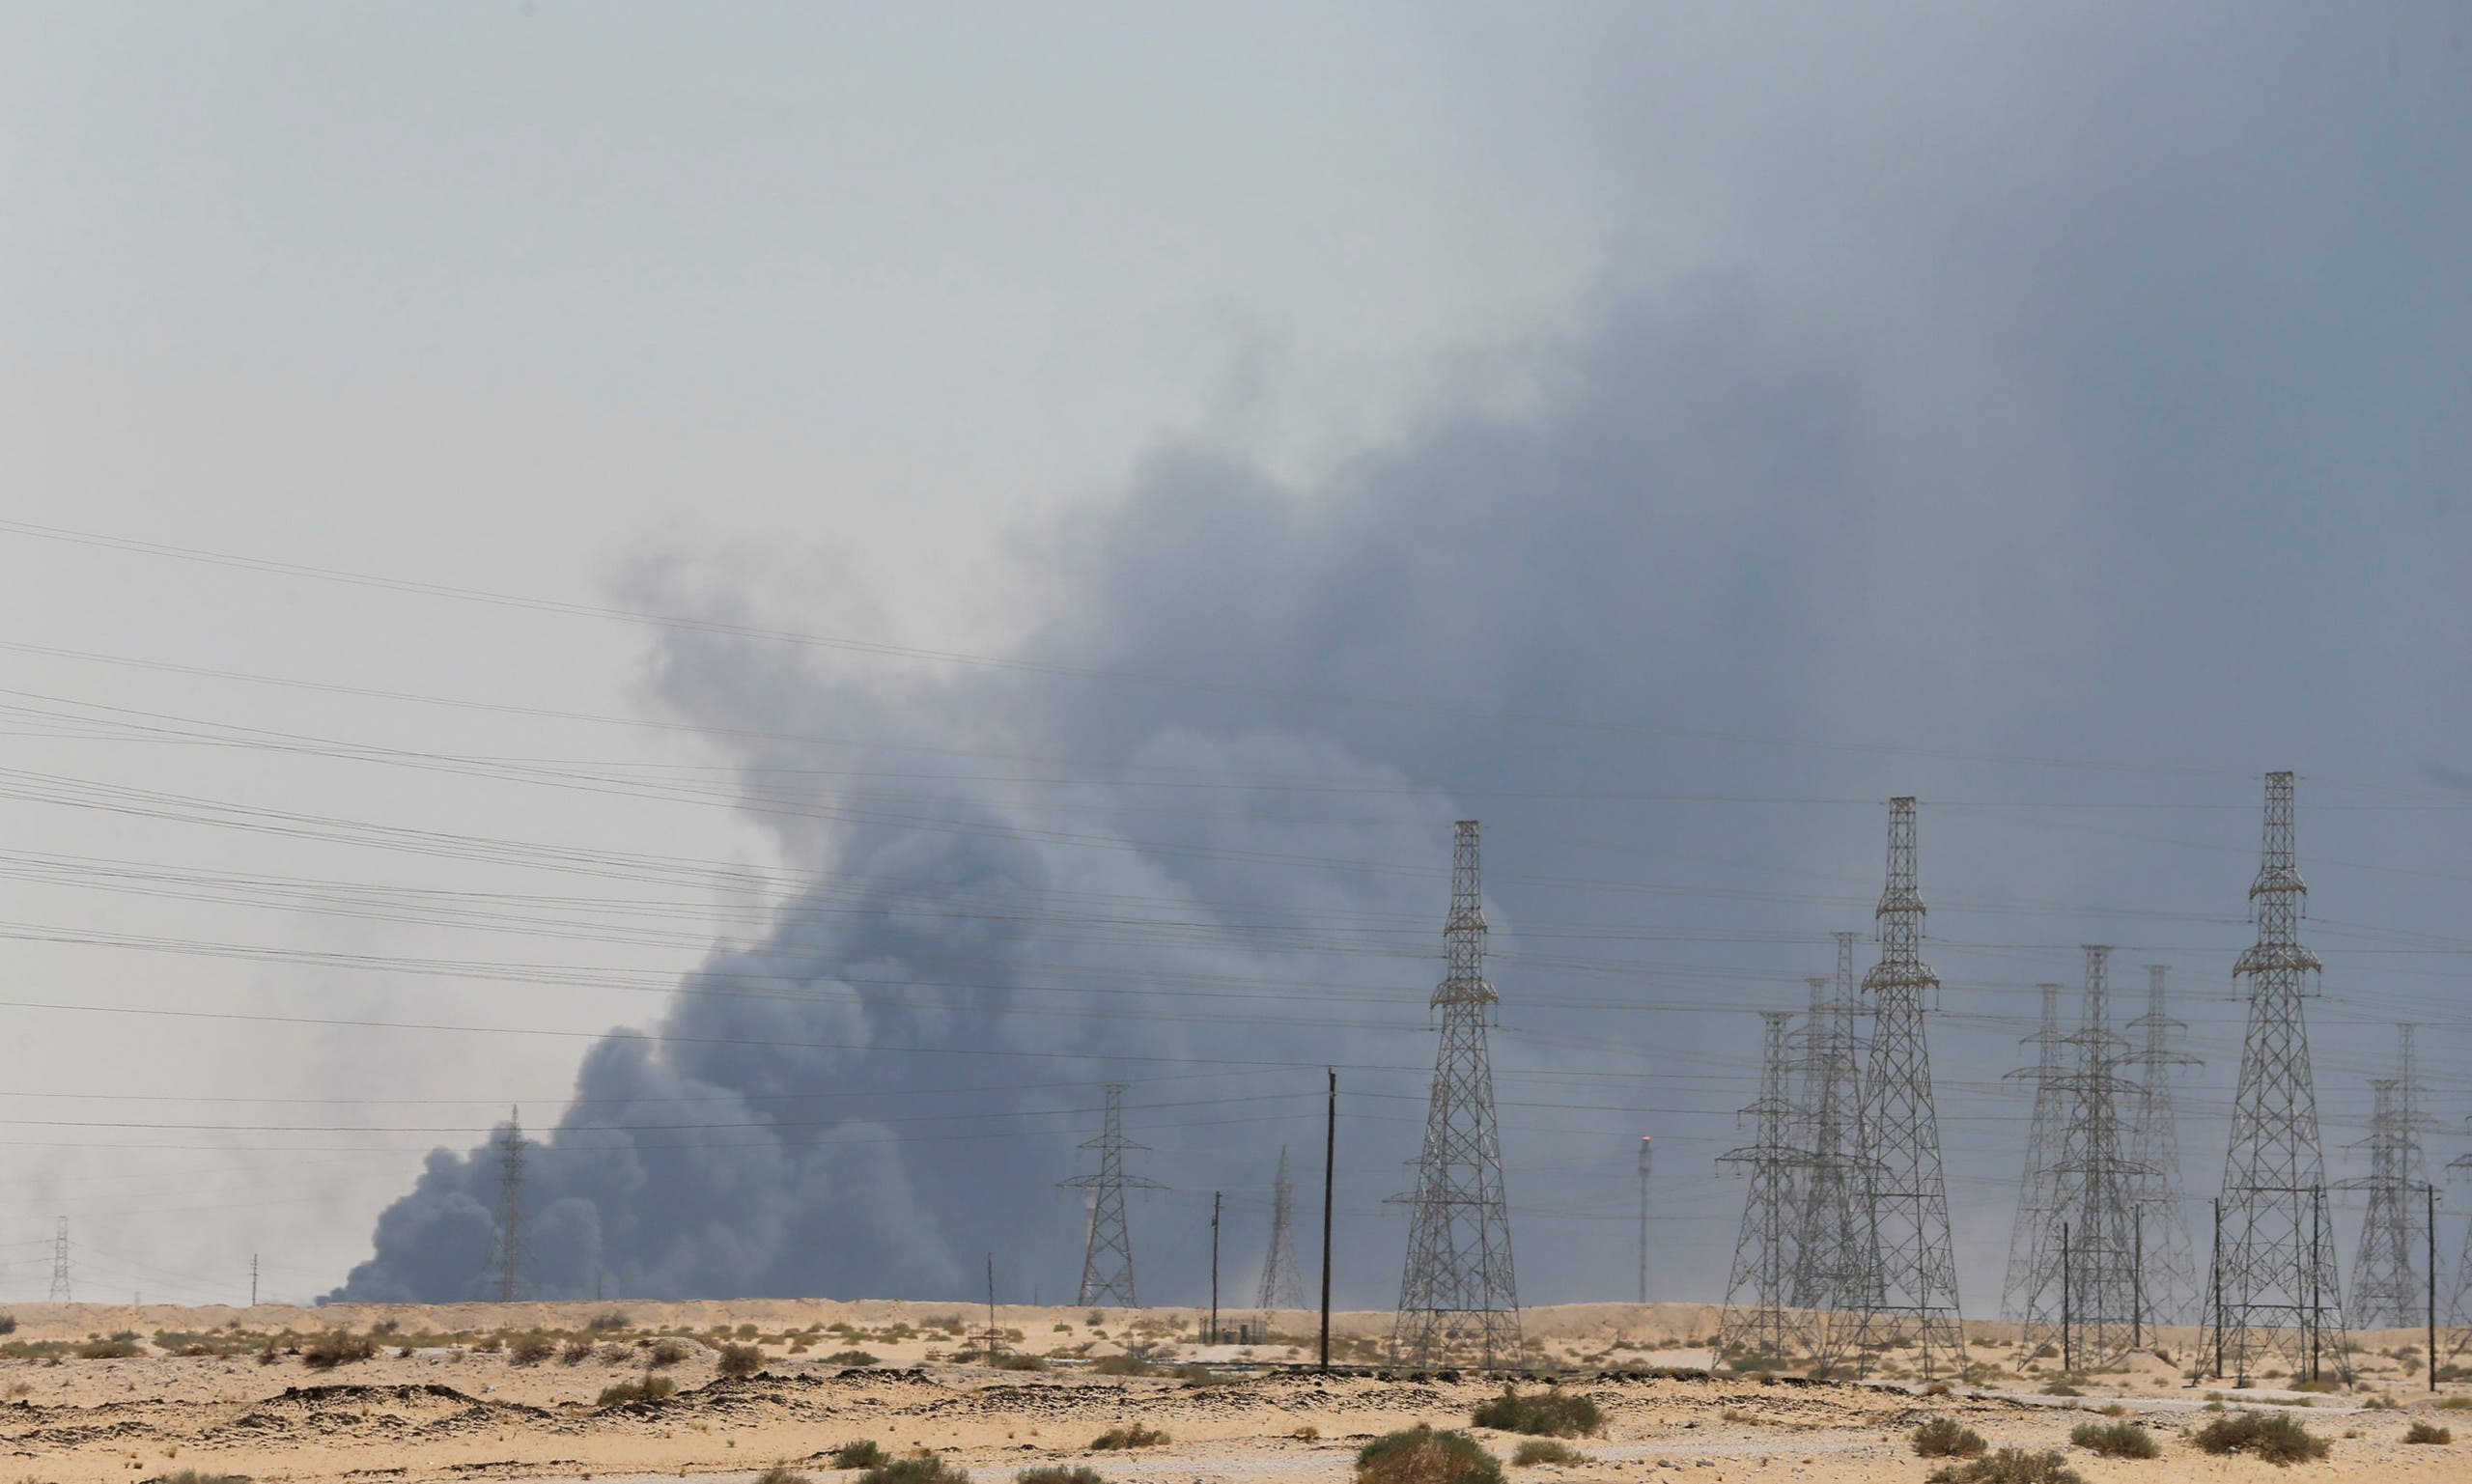 حريق بقيق أرامكو ارامكو (أرشيفية)